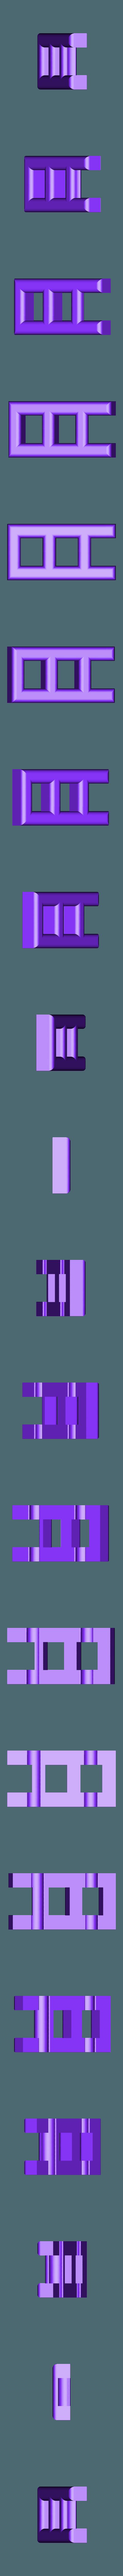 meta-ladder.stl Télécharger fichier STL gratuit Échelle Peg Toy 3000: Codename Overkill • Modèle imprimable en 3D, ecoiras